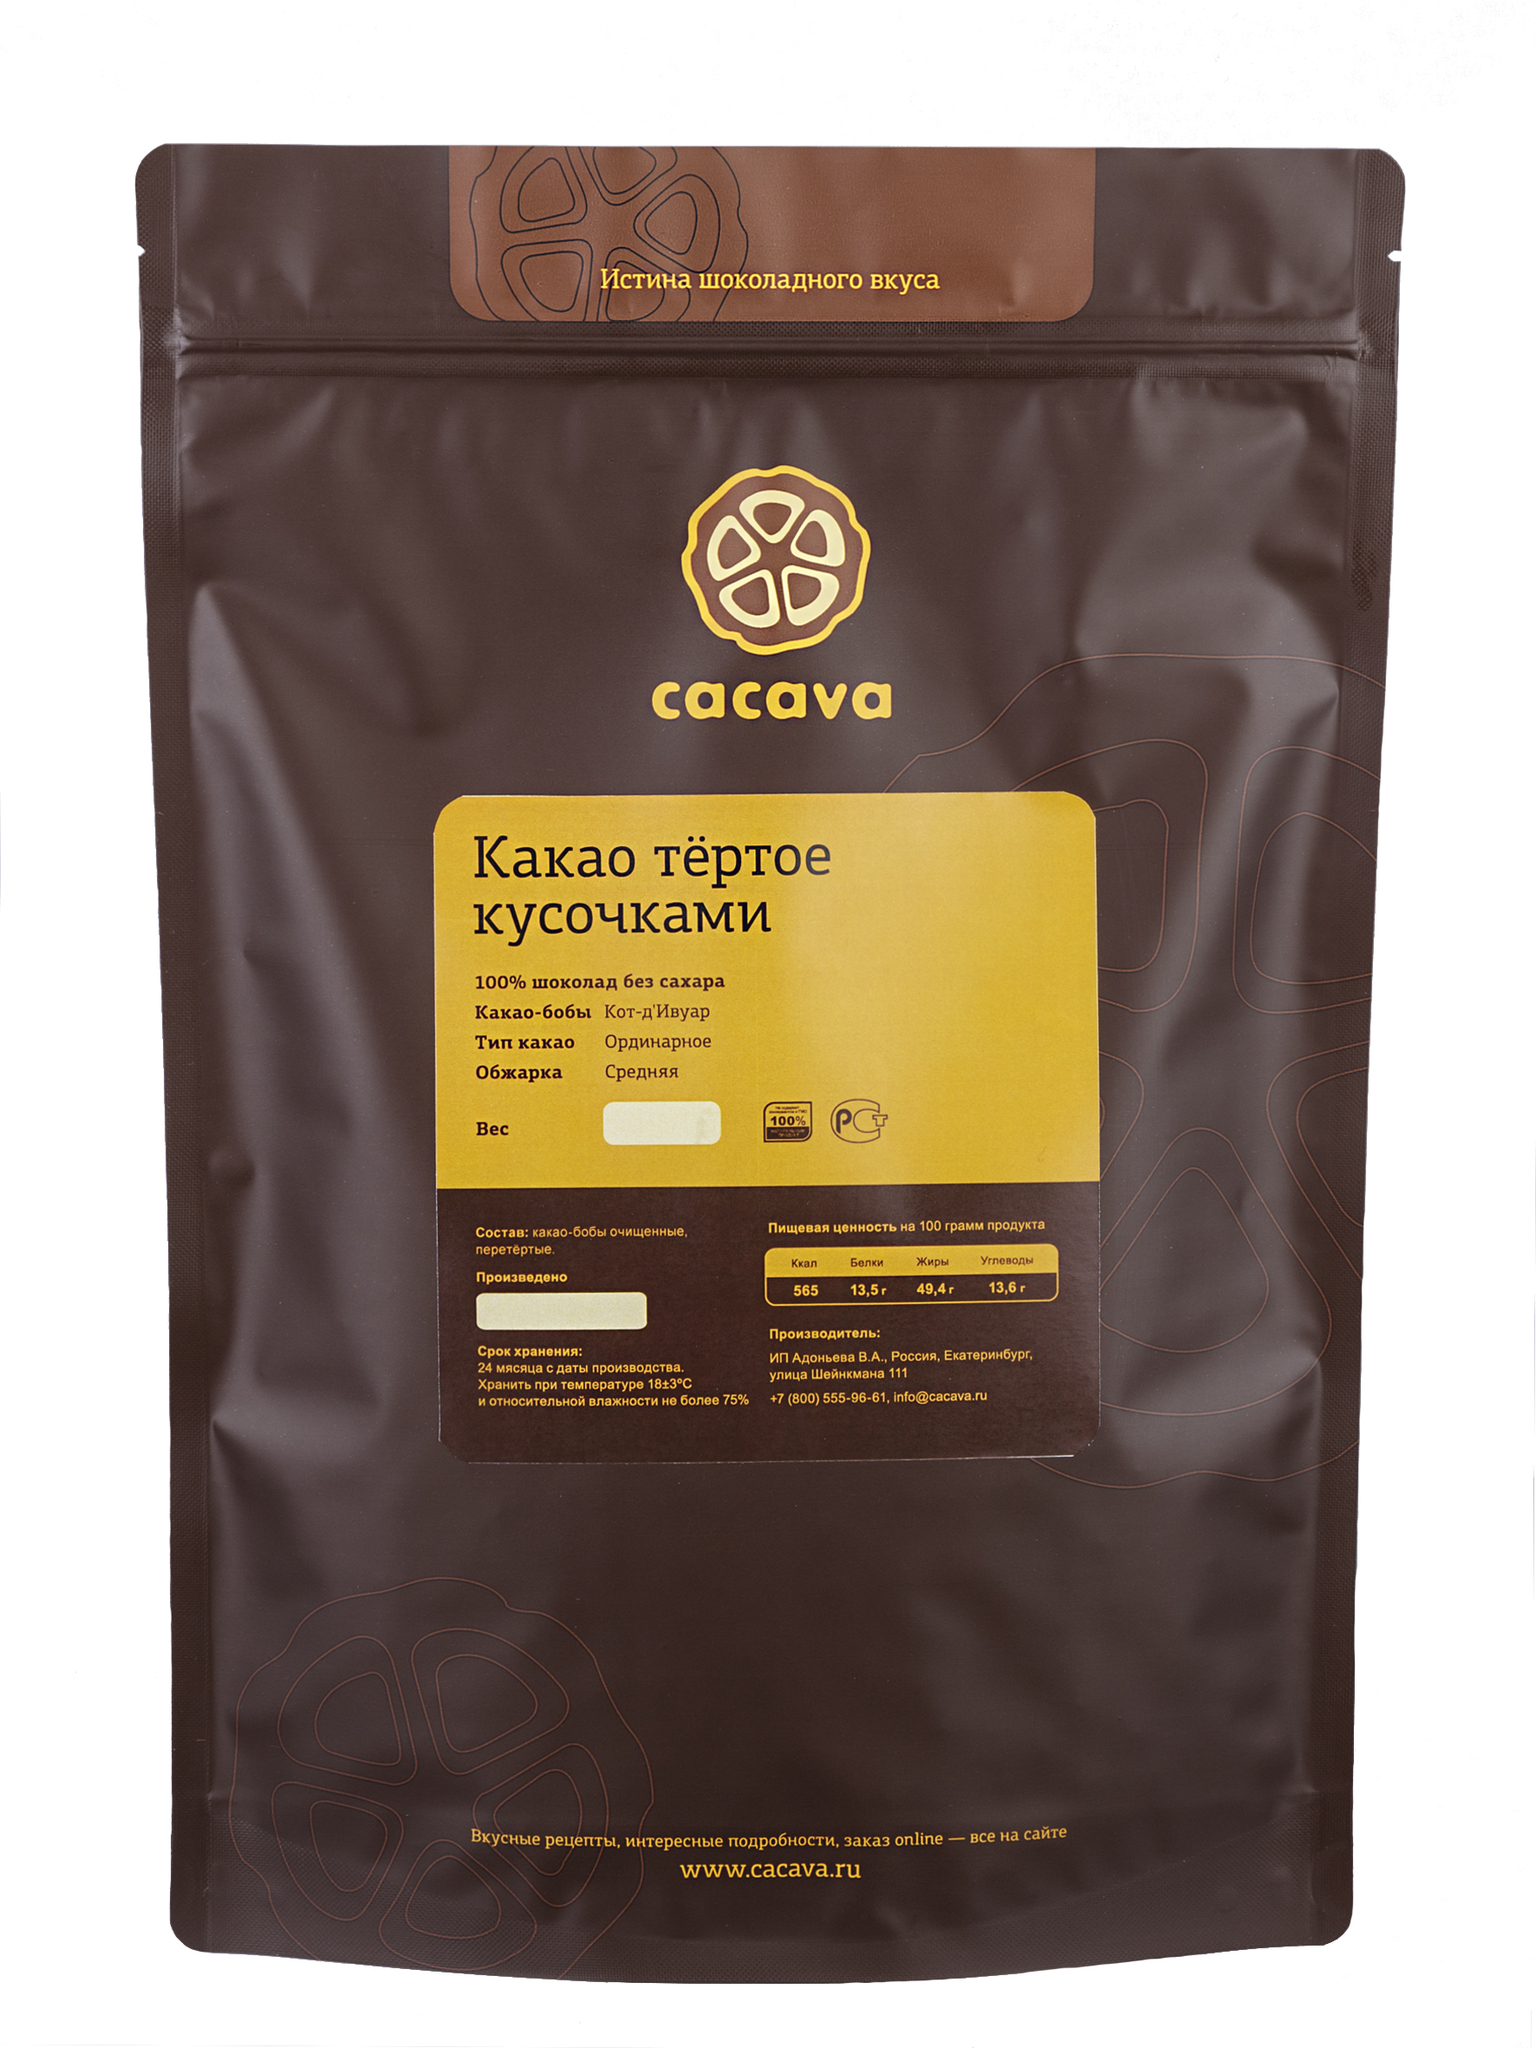 Какао тёртое (Кот-д'Ивуар), упаковка 1 и 3 кг